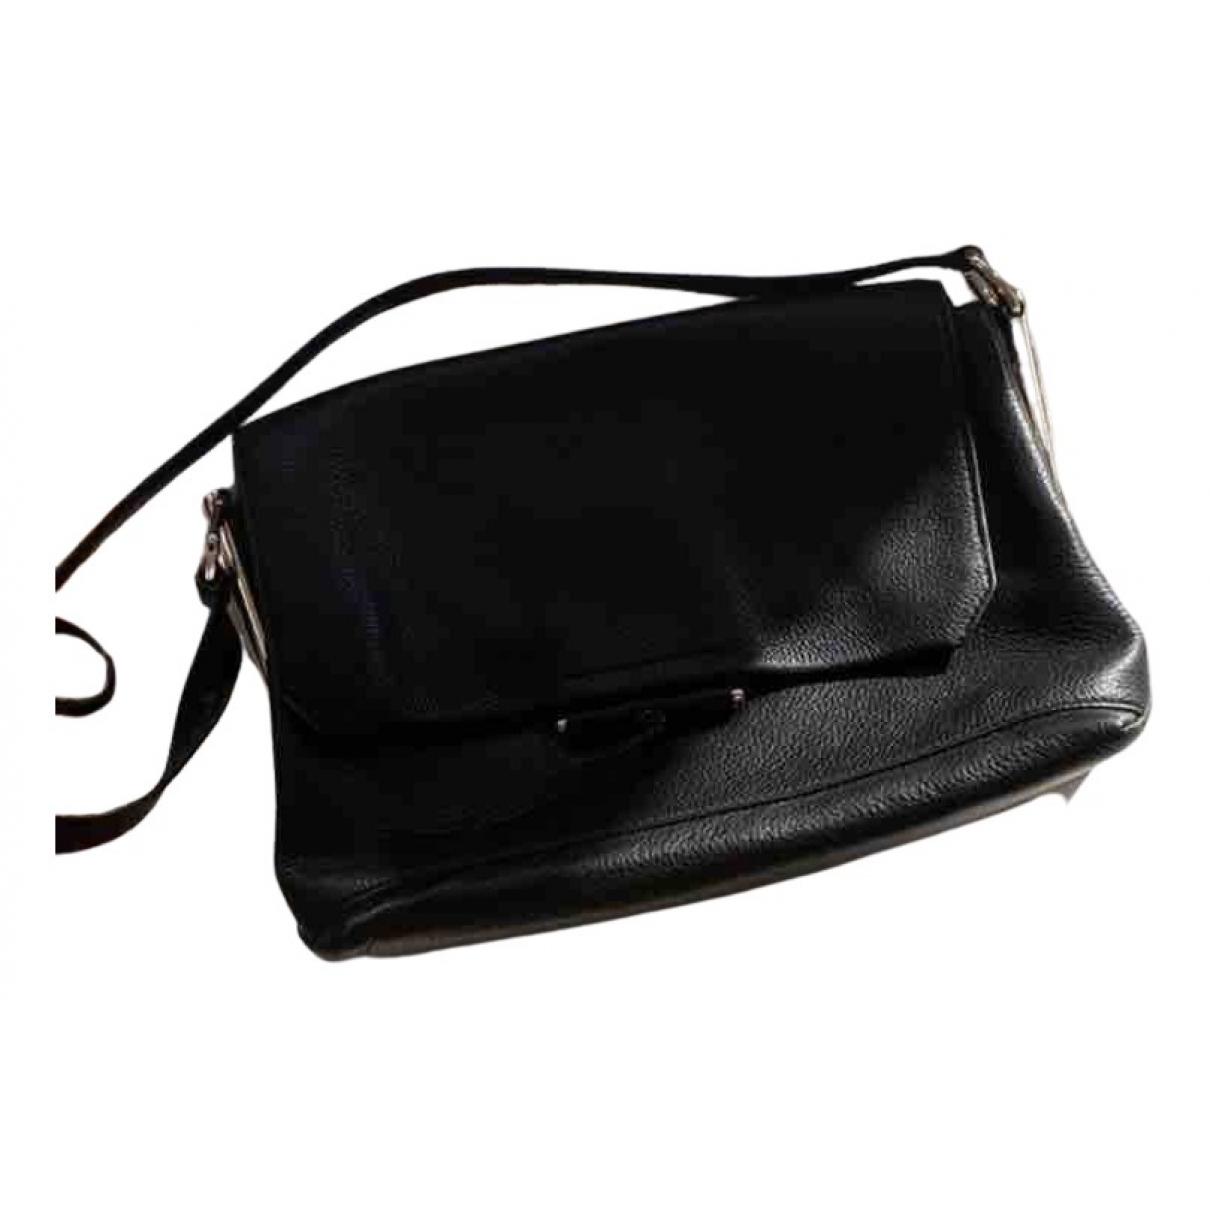 Sandro N Black Leather handbag for Women N